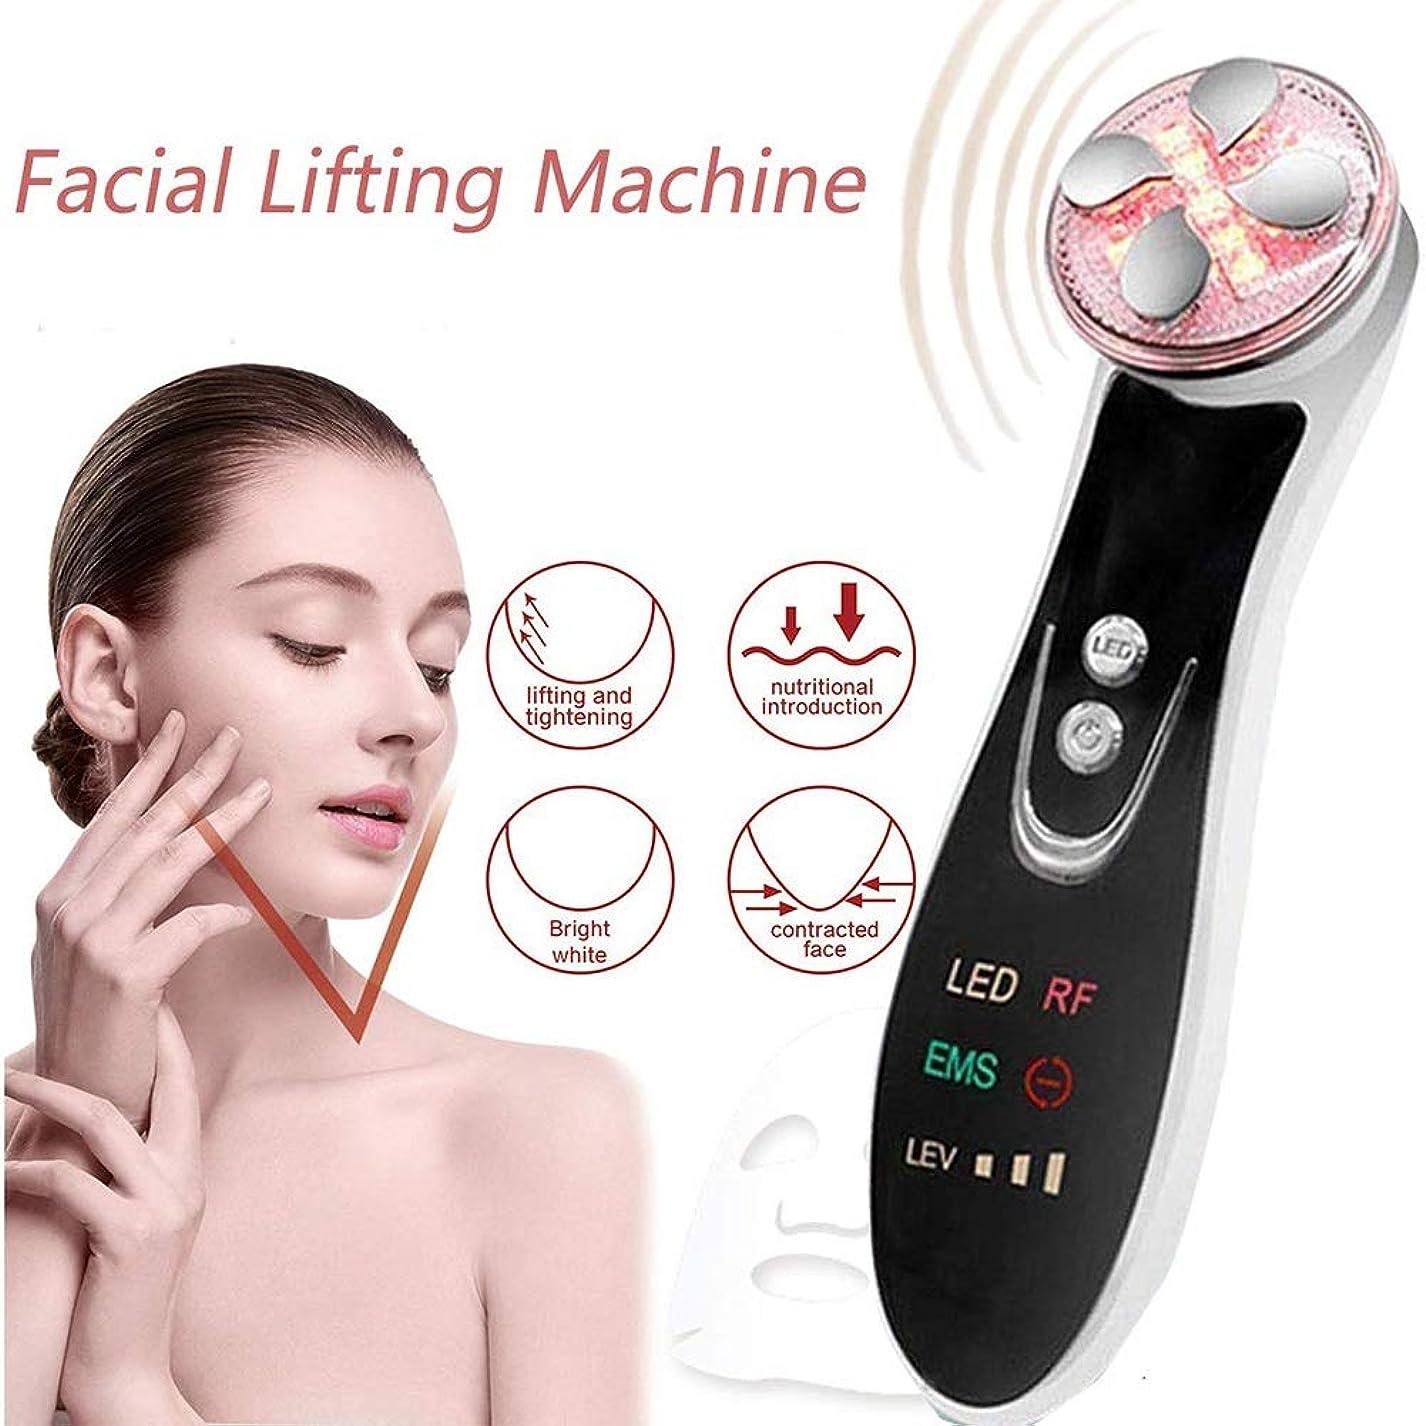 保証する満了フィドル機械、1つのRF EMS LEDライト療法のしわを取除く顔の持ち上がるボディ形削り盤機械をきつく締める表面皮は反老化のアクネの美装置を取除きます